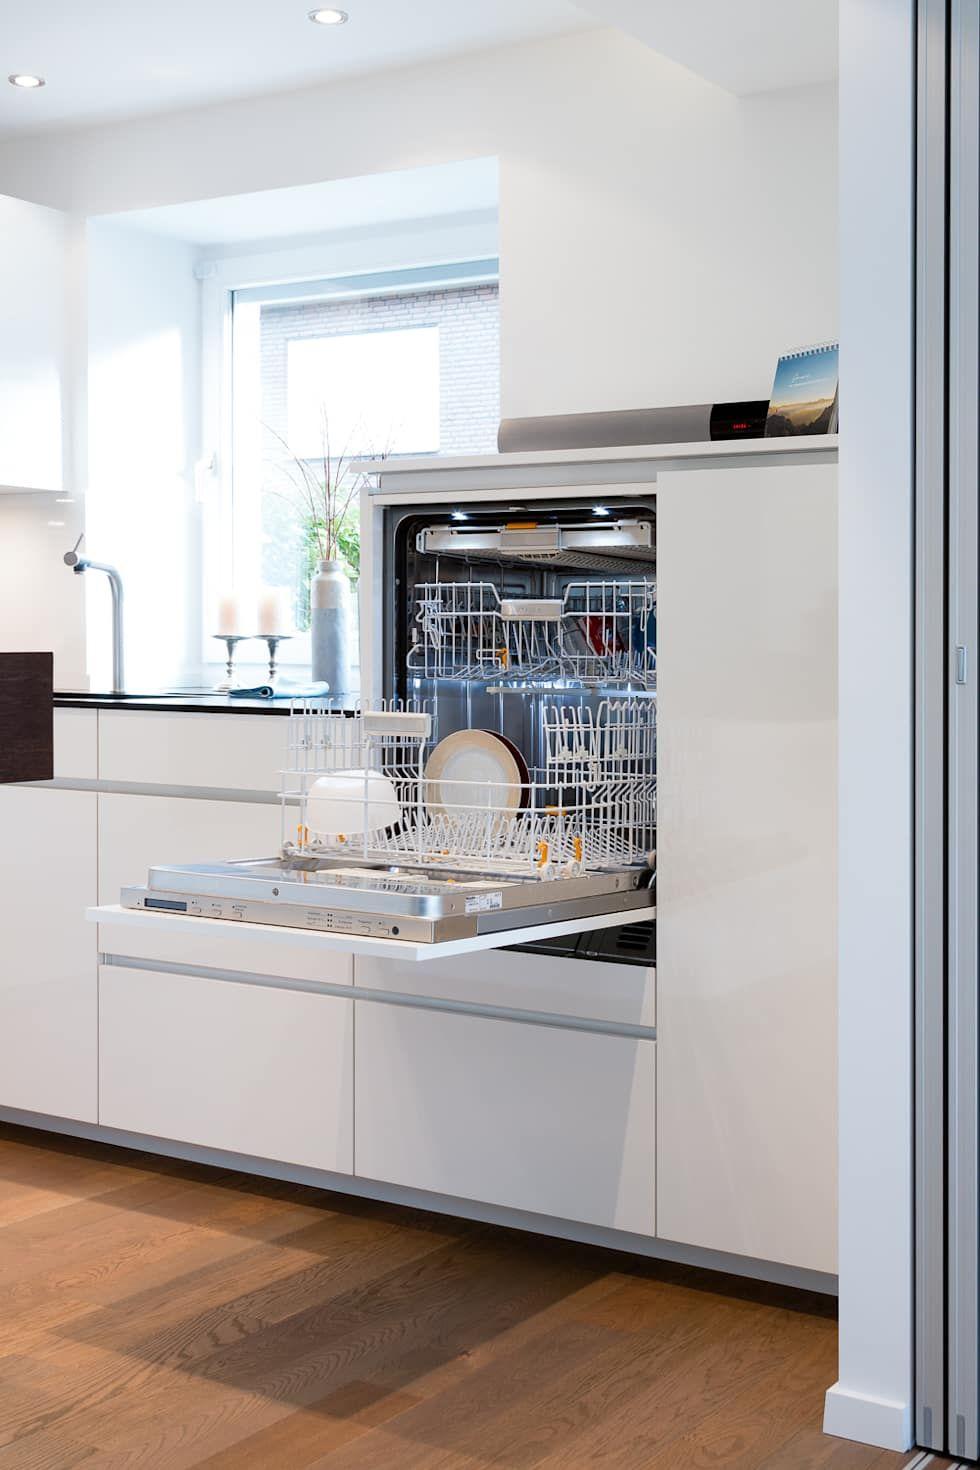 Wohnideen wohnideen interior design einrichtungsideen u bilder  kitchens